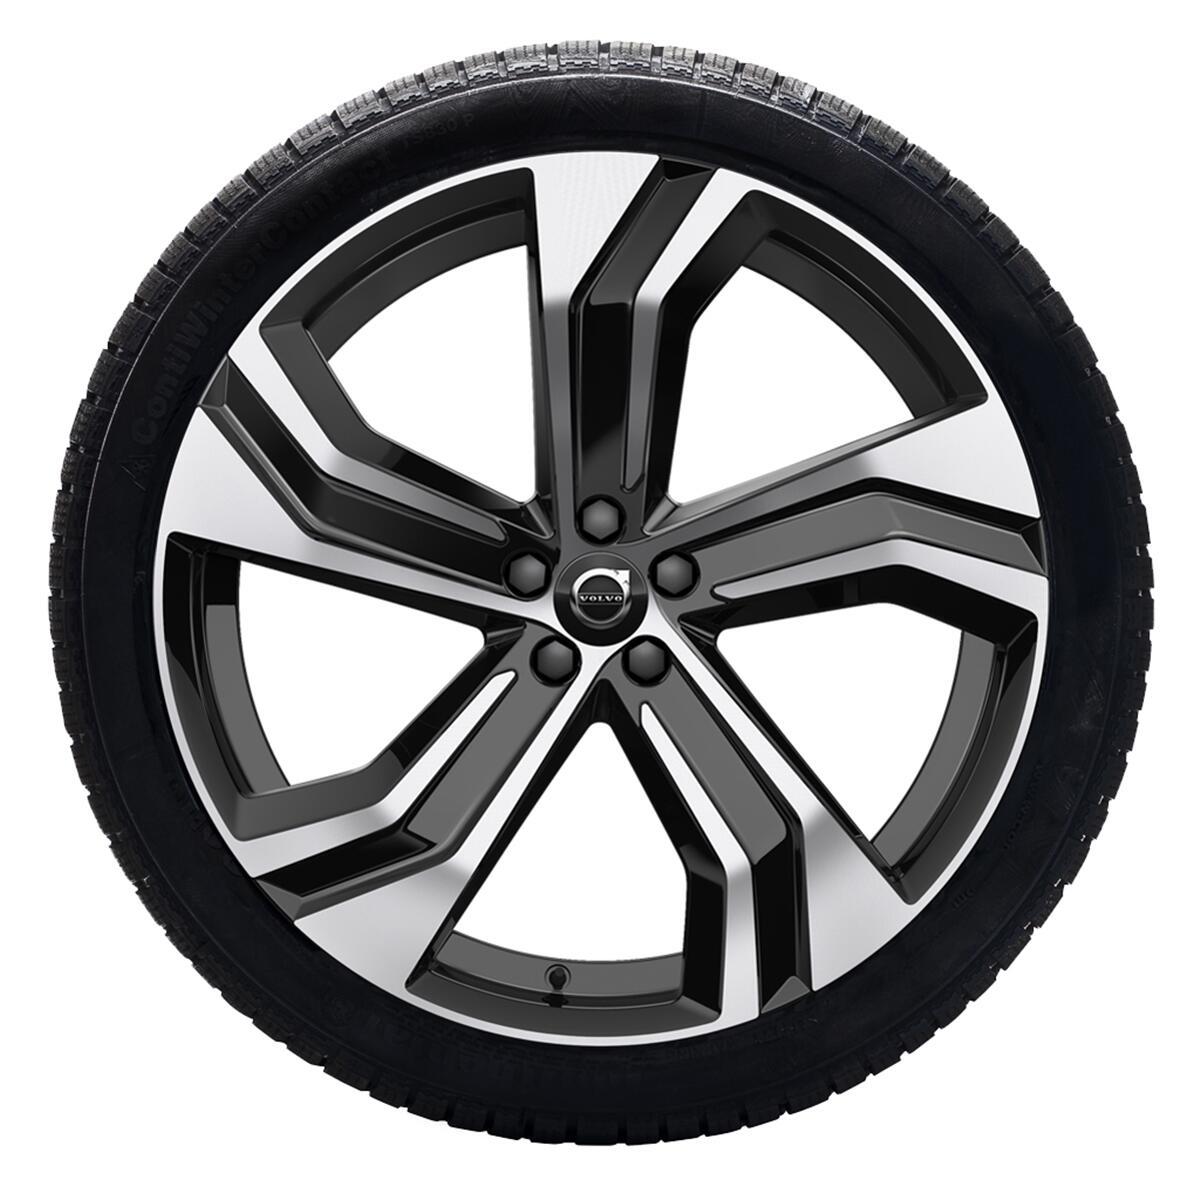 """Komplet zimskih koles:  55,88 cm (22""""), pnevmatike Pirelli"""